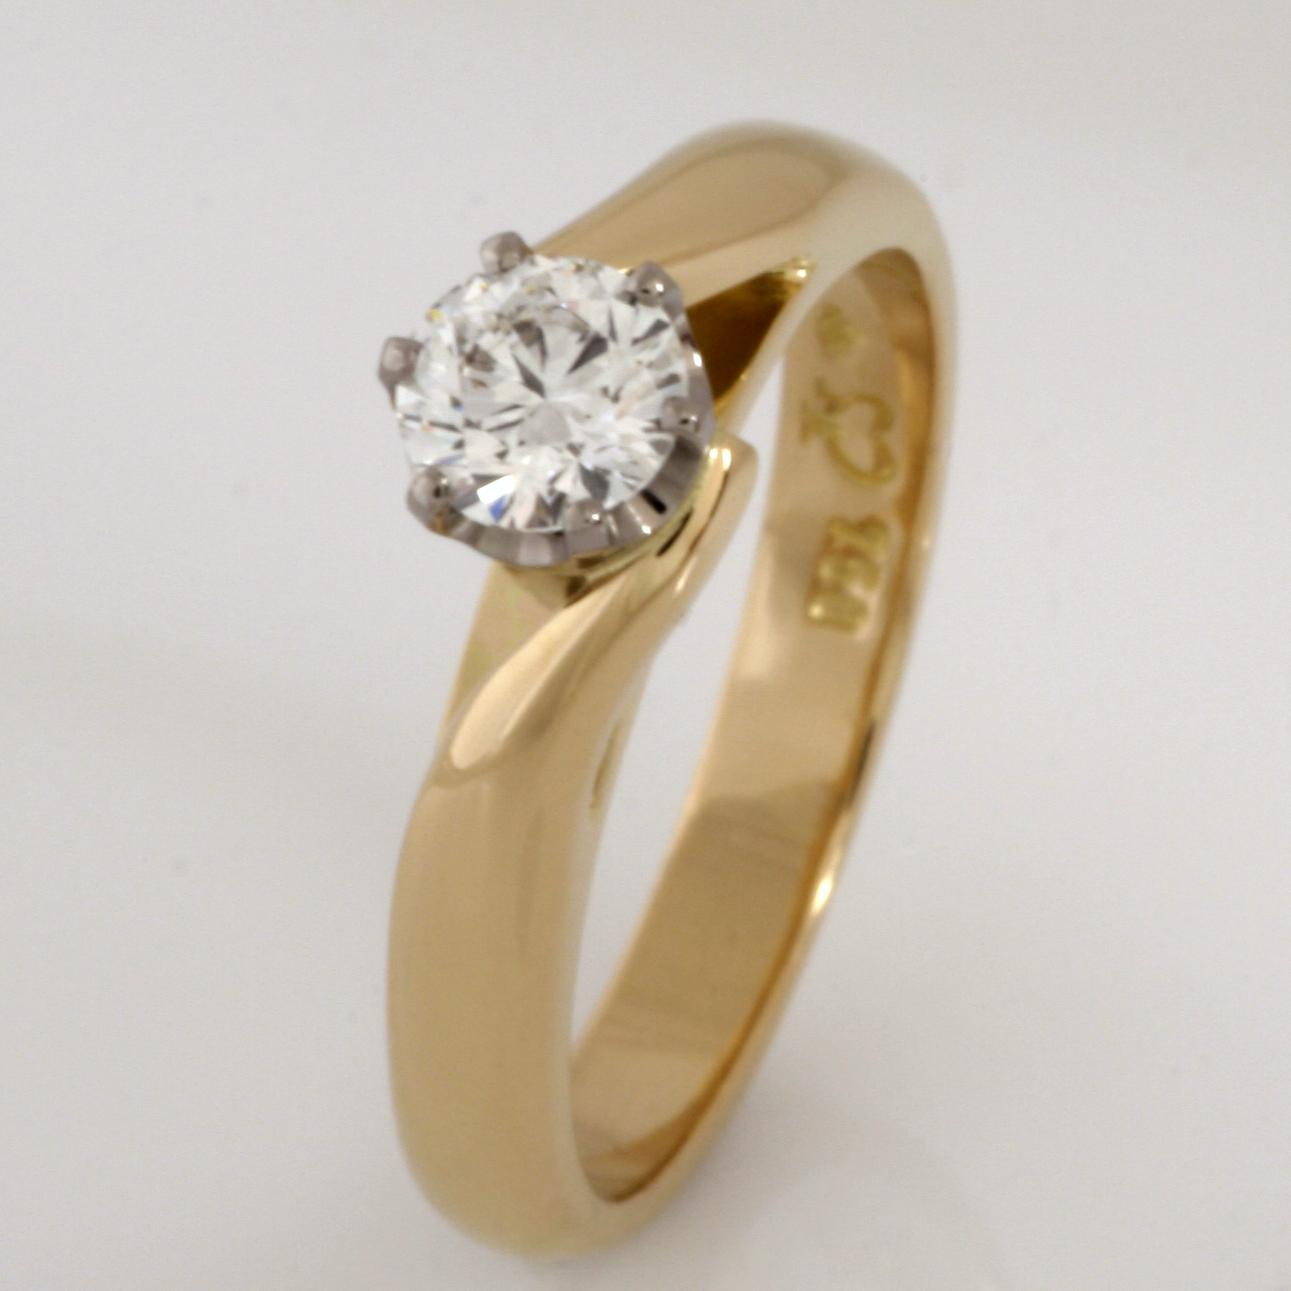 Handmade ladies 18ct yellow and white gold 'Eternity' diamond engagement ring